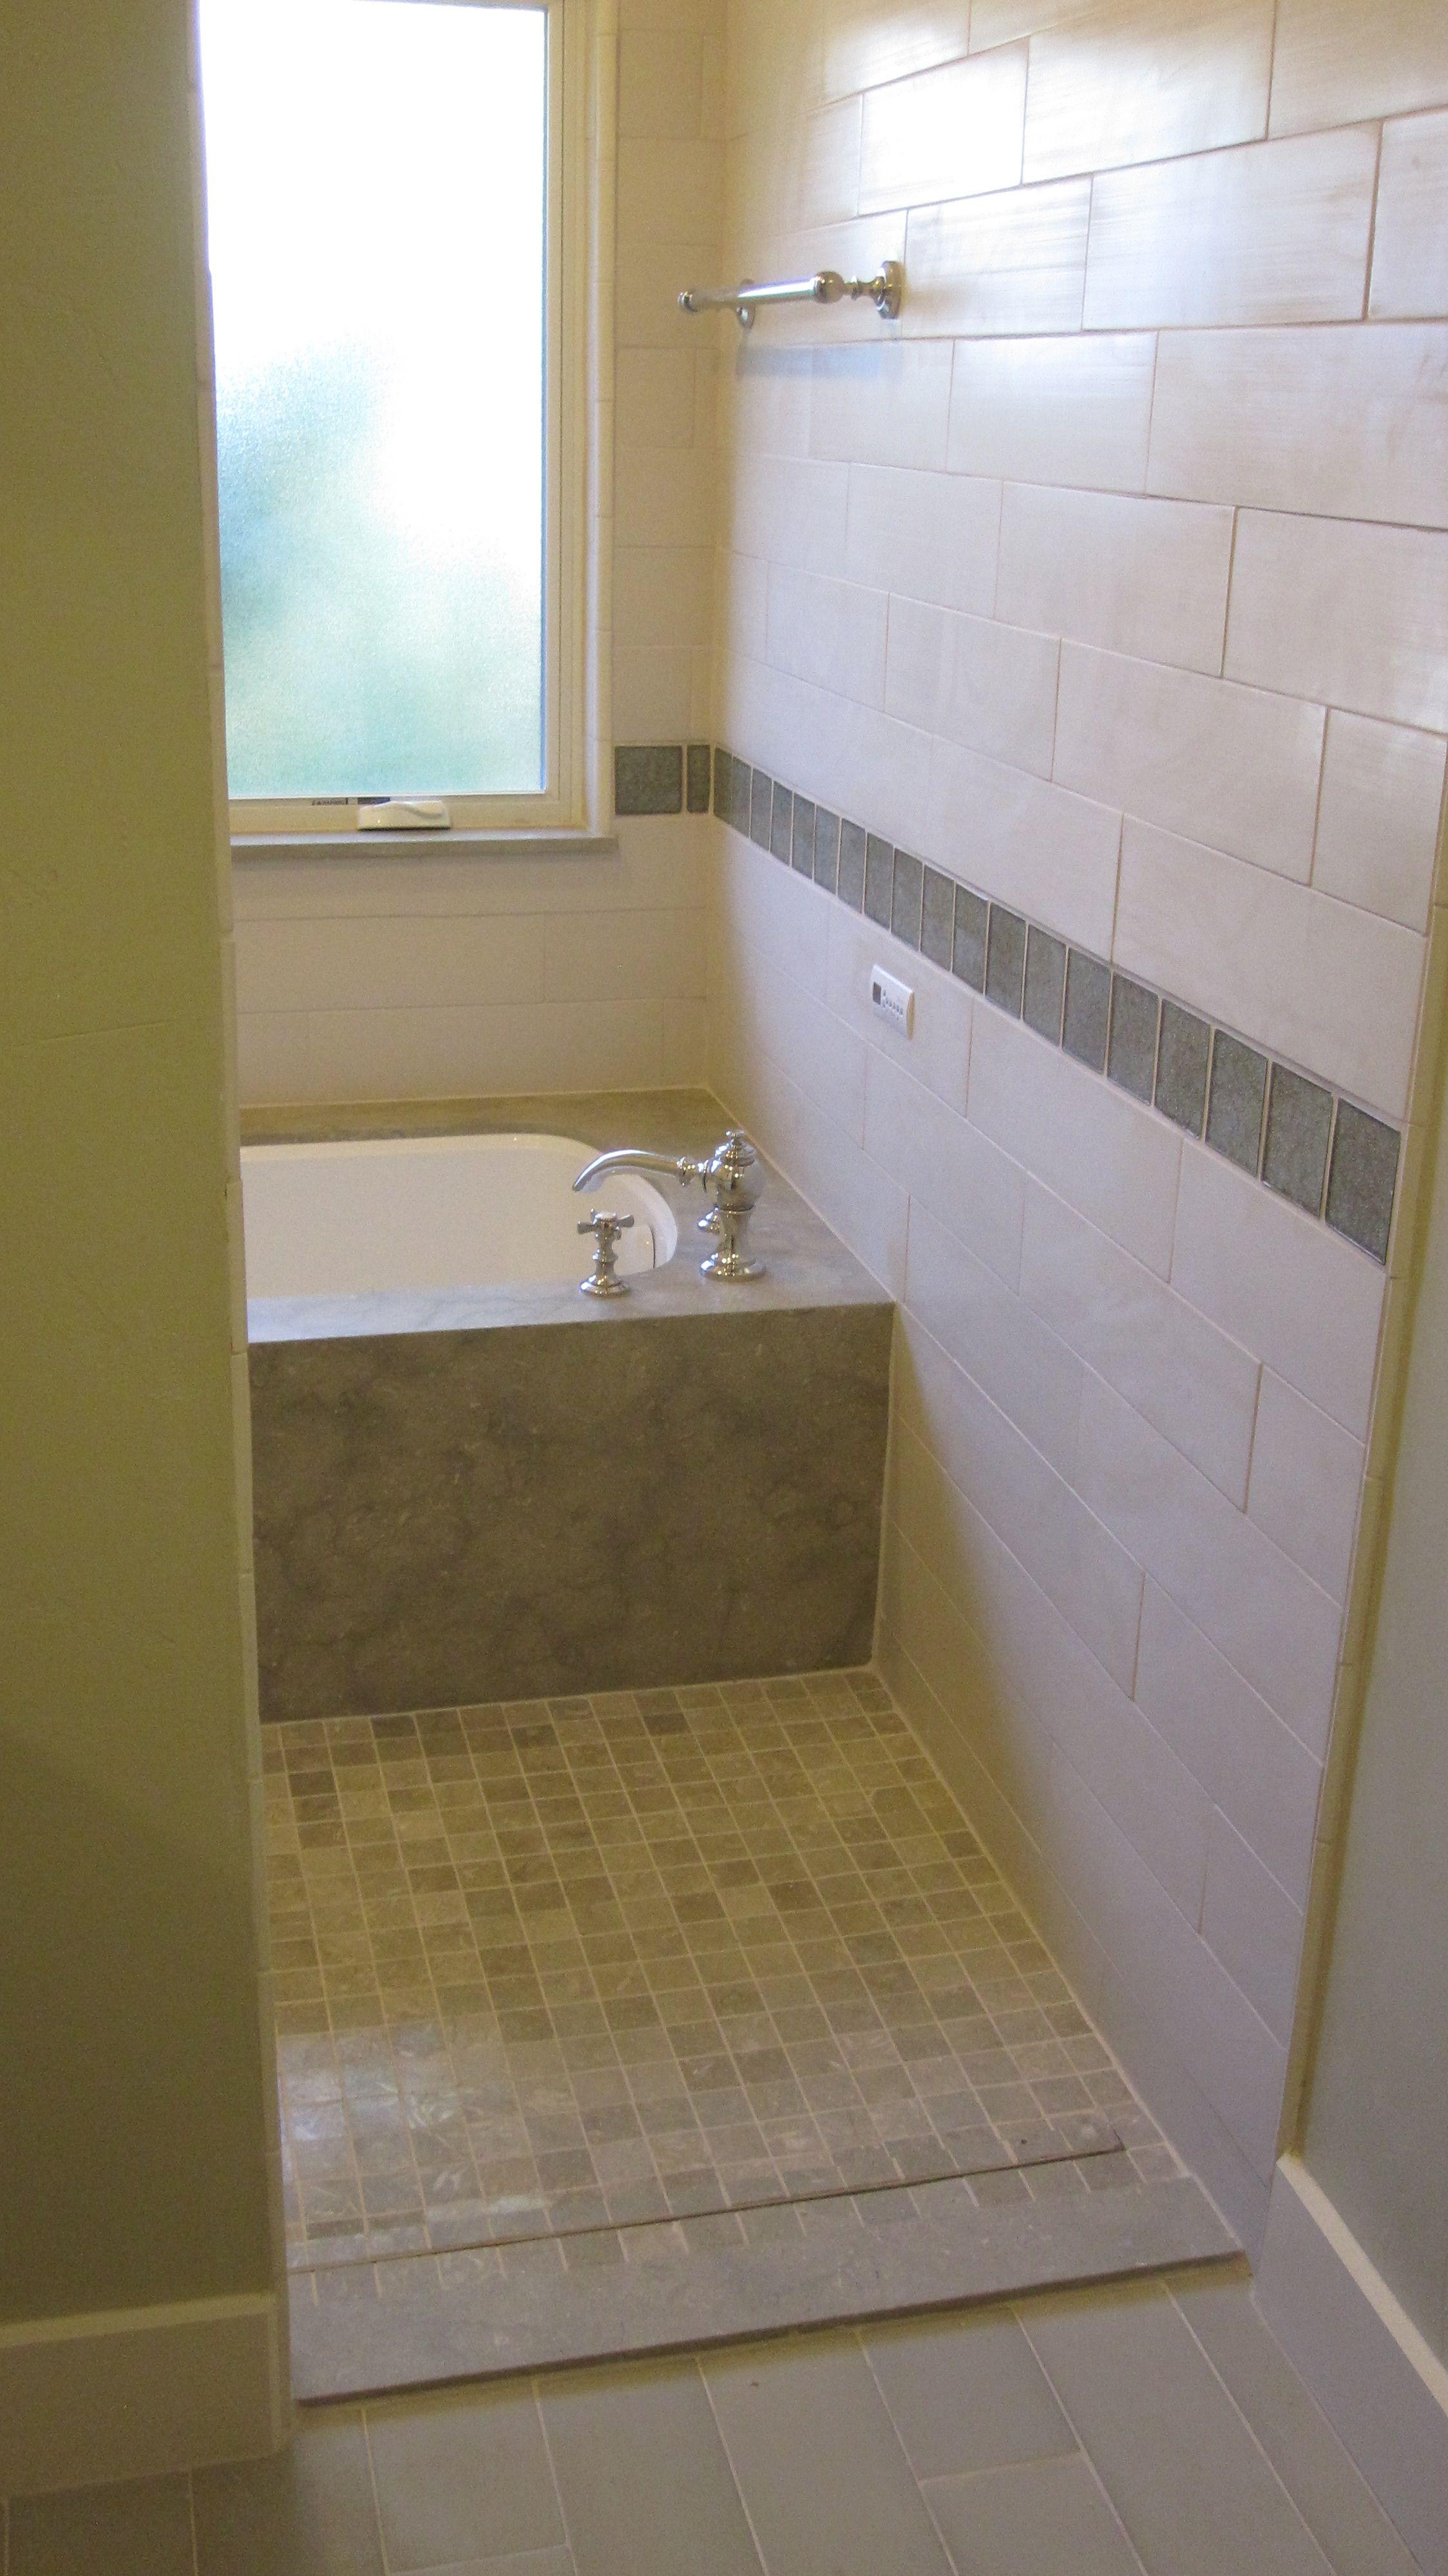 Tub shower combo 2 of 4 | Darshan house | Pinterest | Tub shower ...